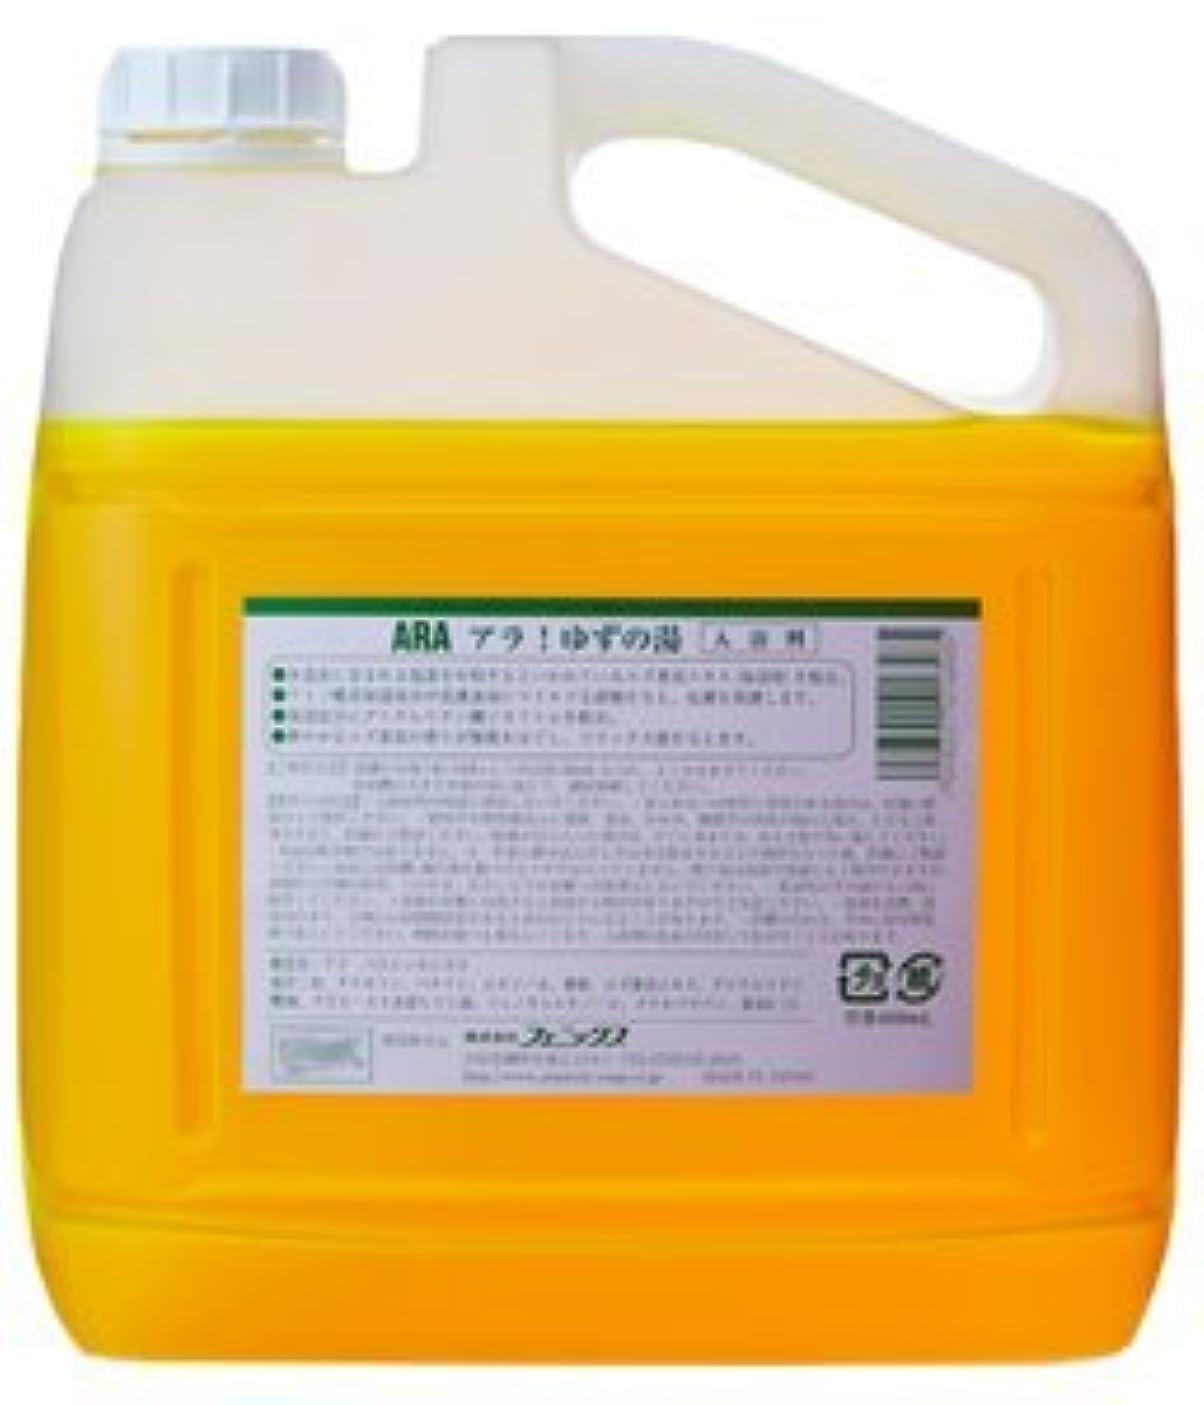 経験的スロベニア磁気【ケース販売】アラ!ゆずの湯 液体入浴料 4L×4本